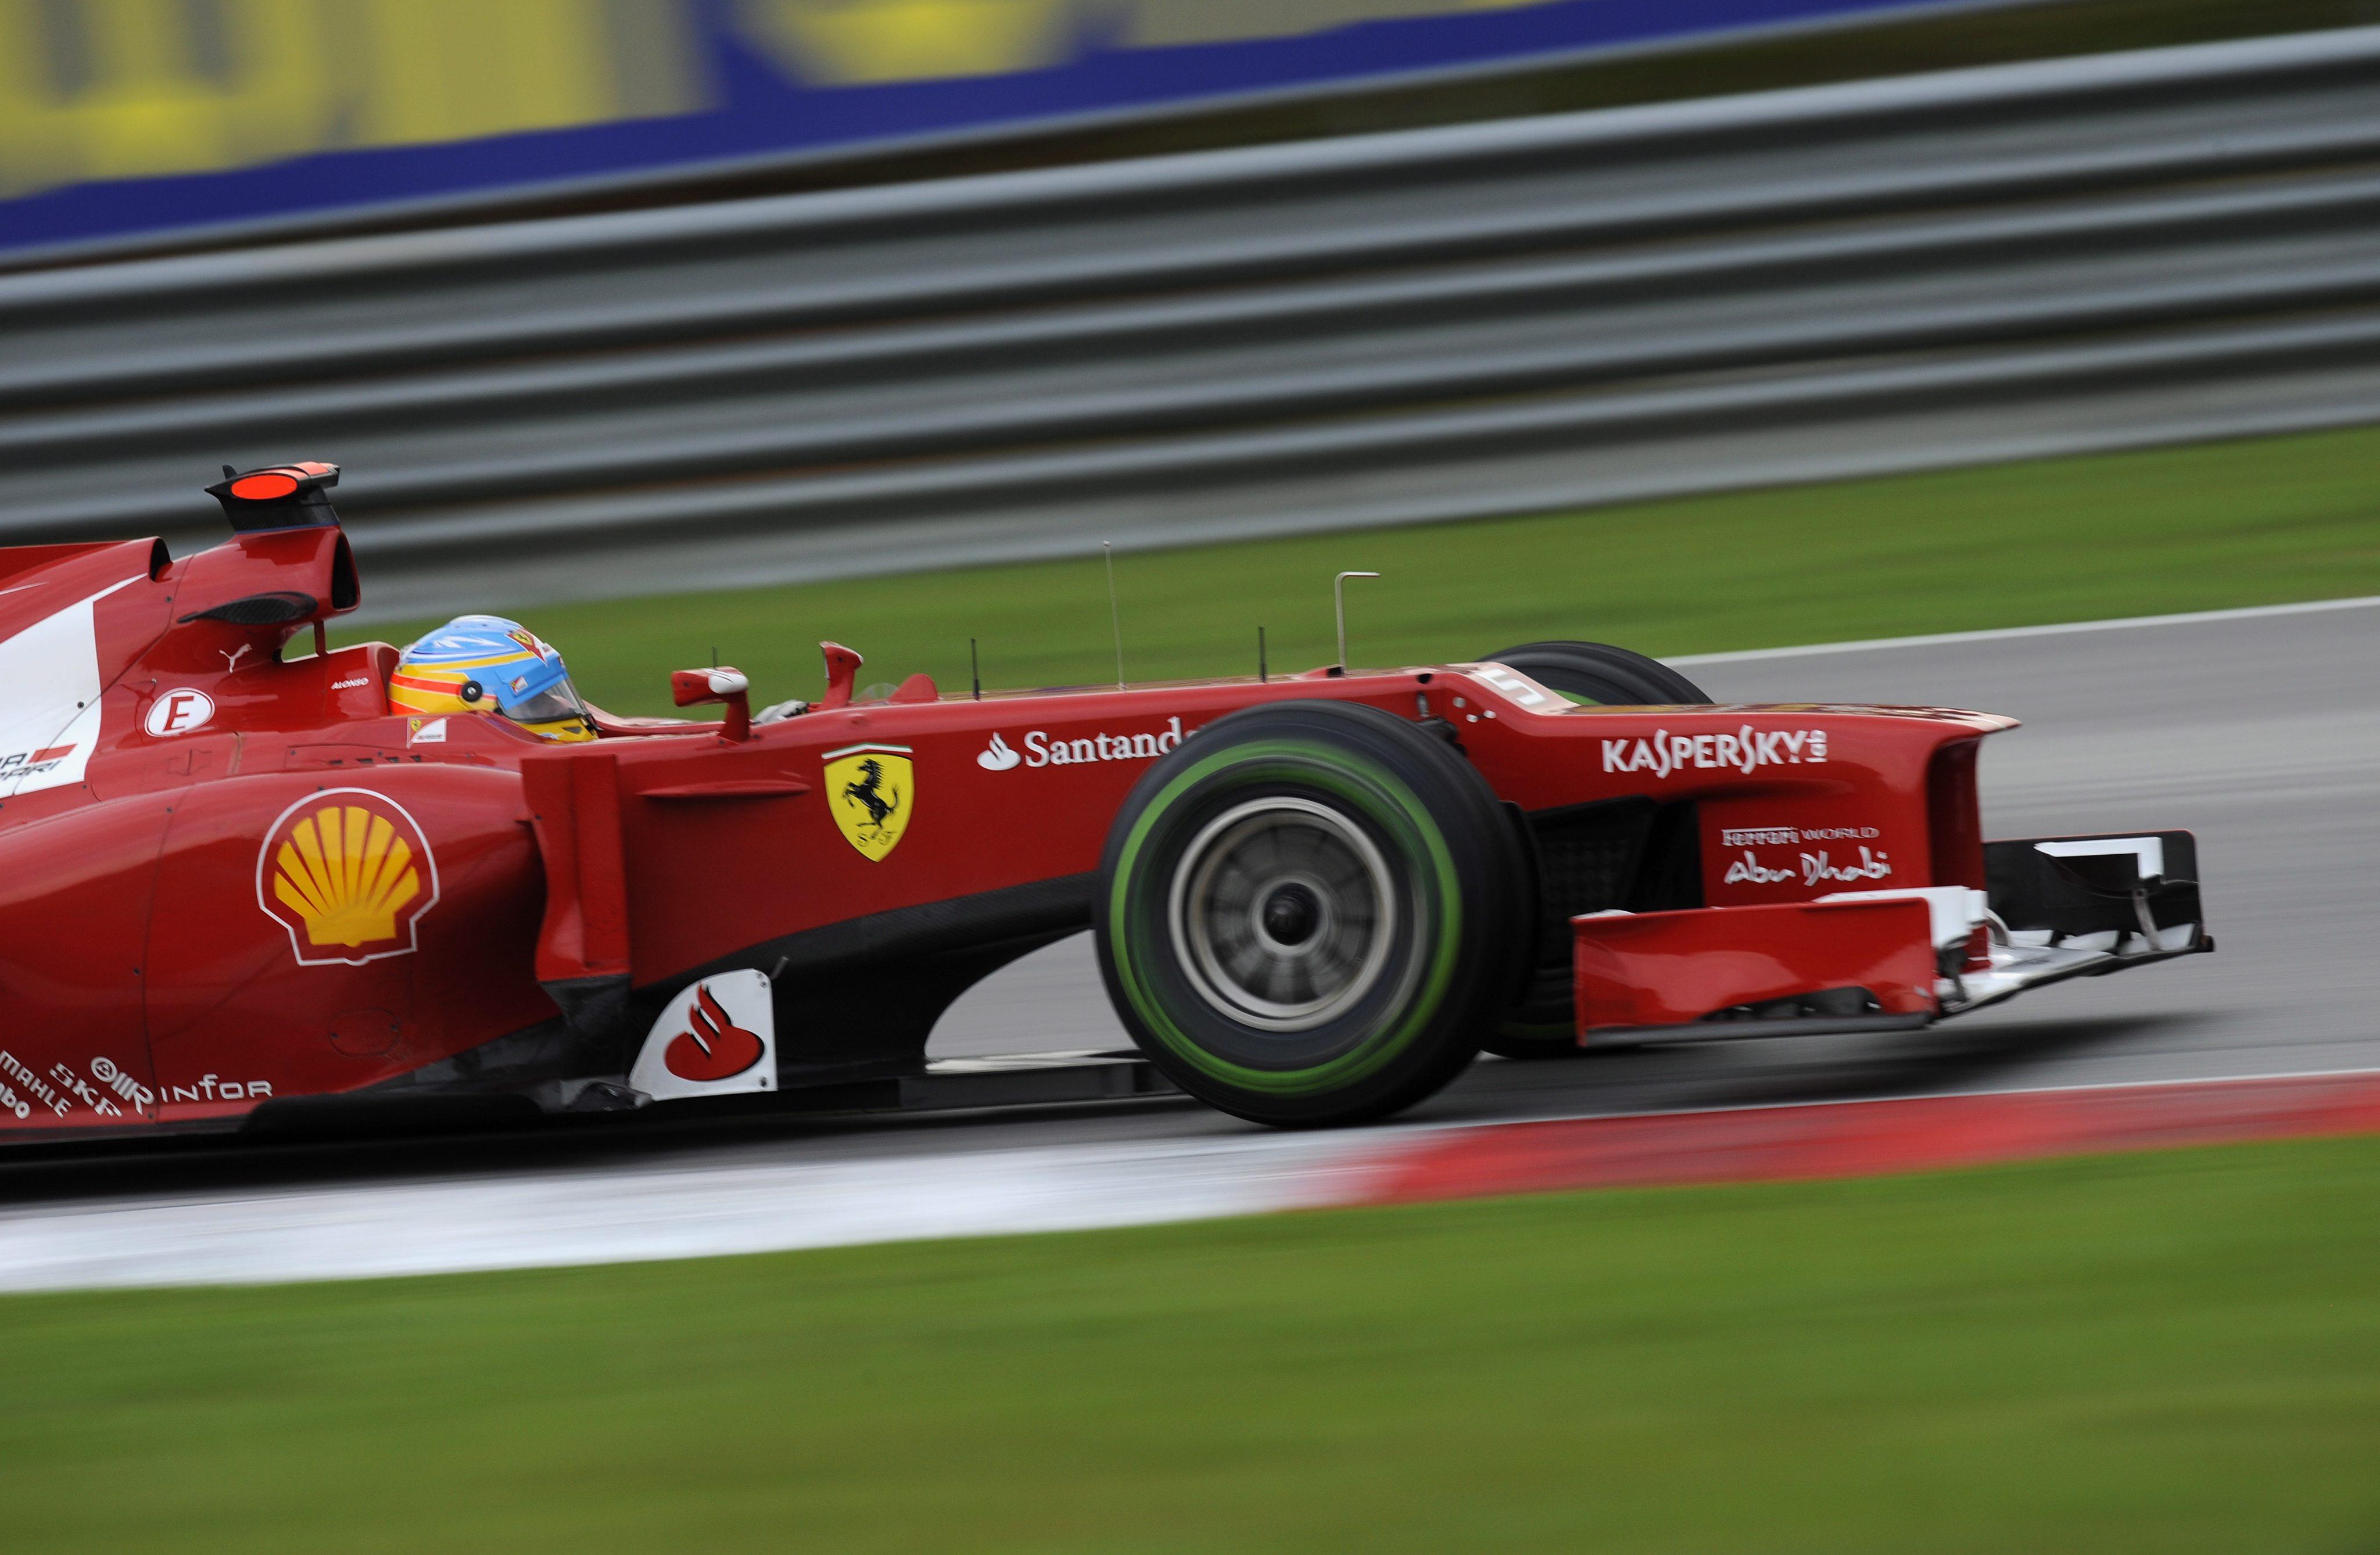 Ферари показа сериозни модификации на болида си